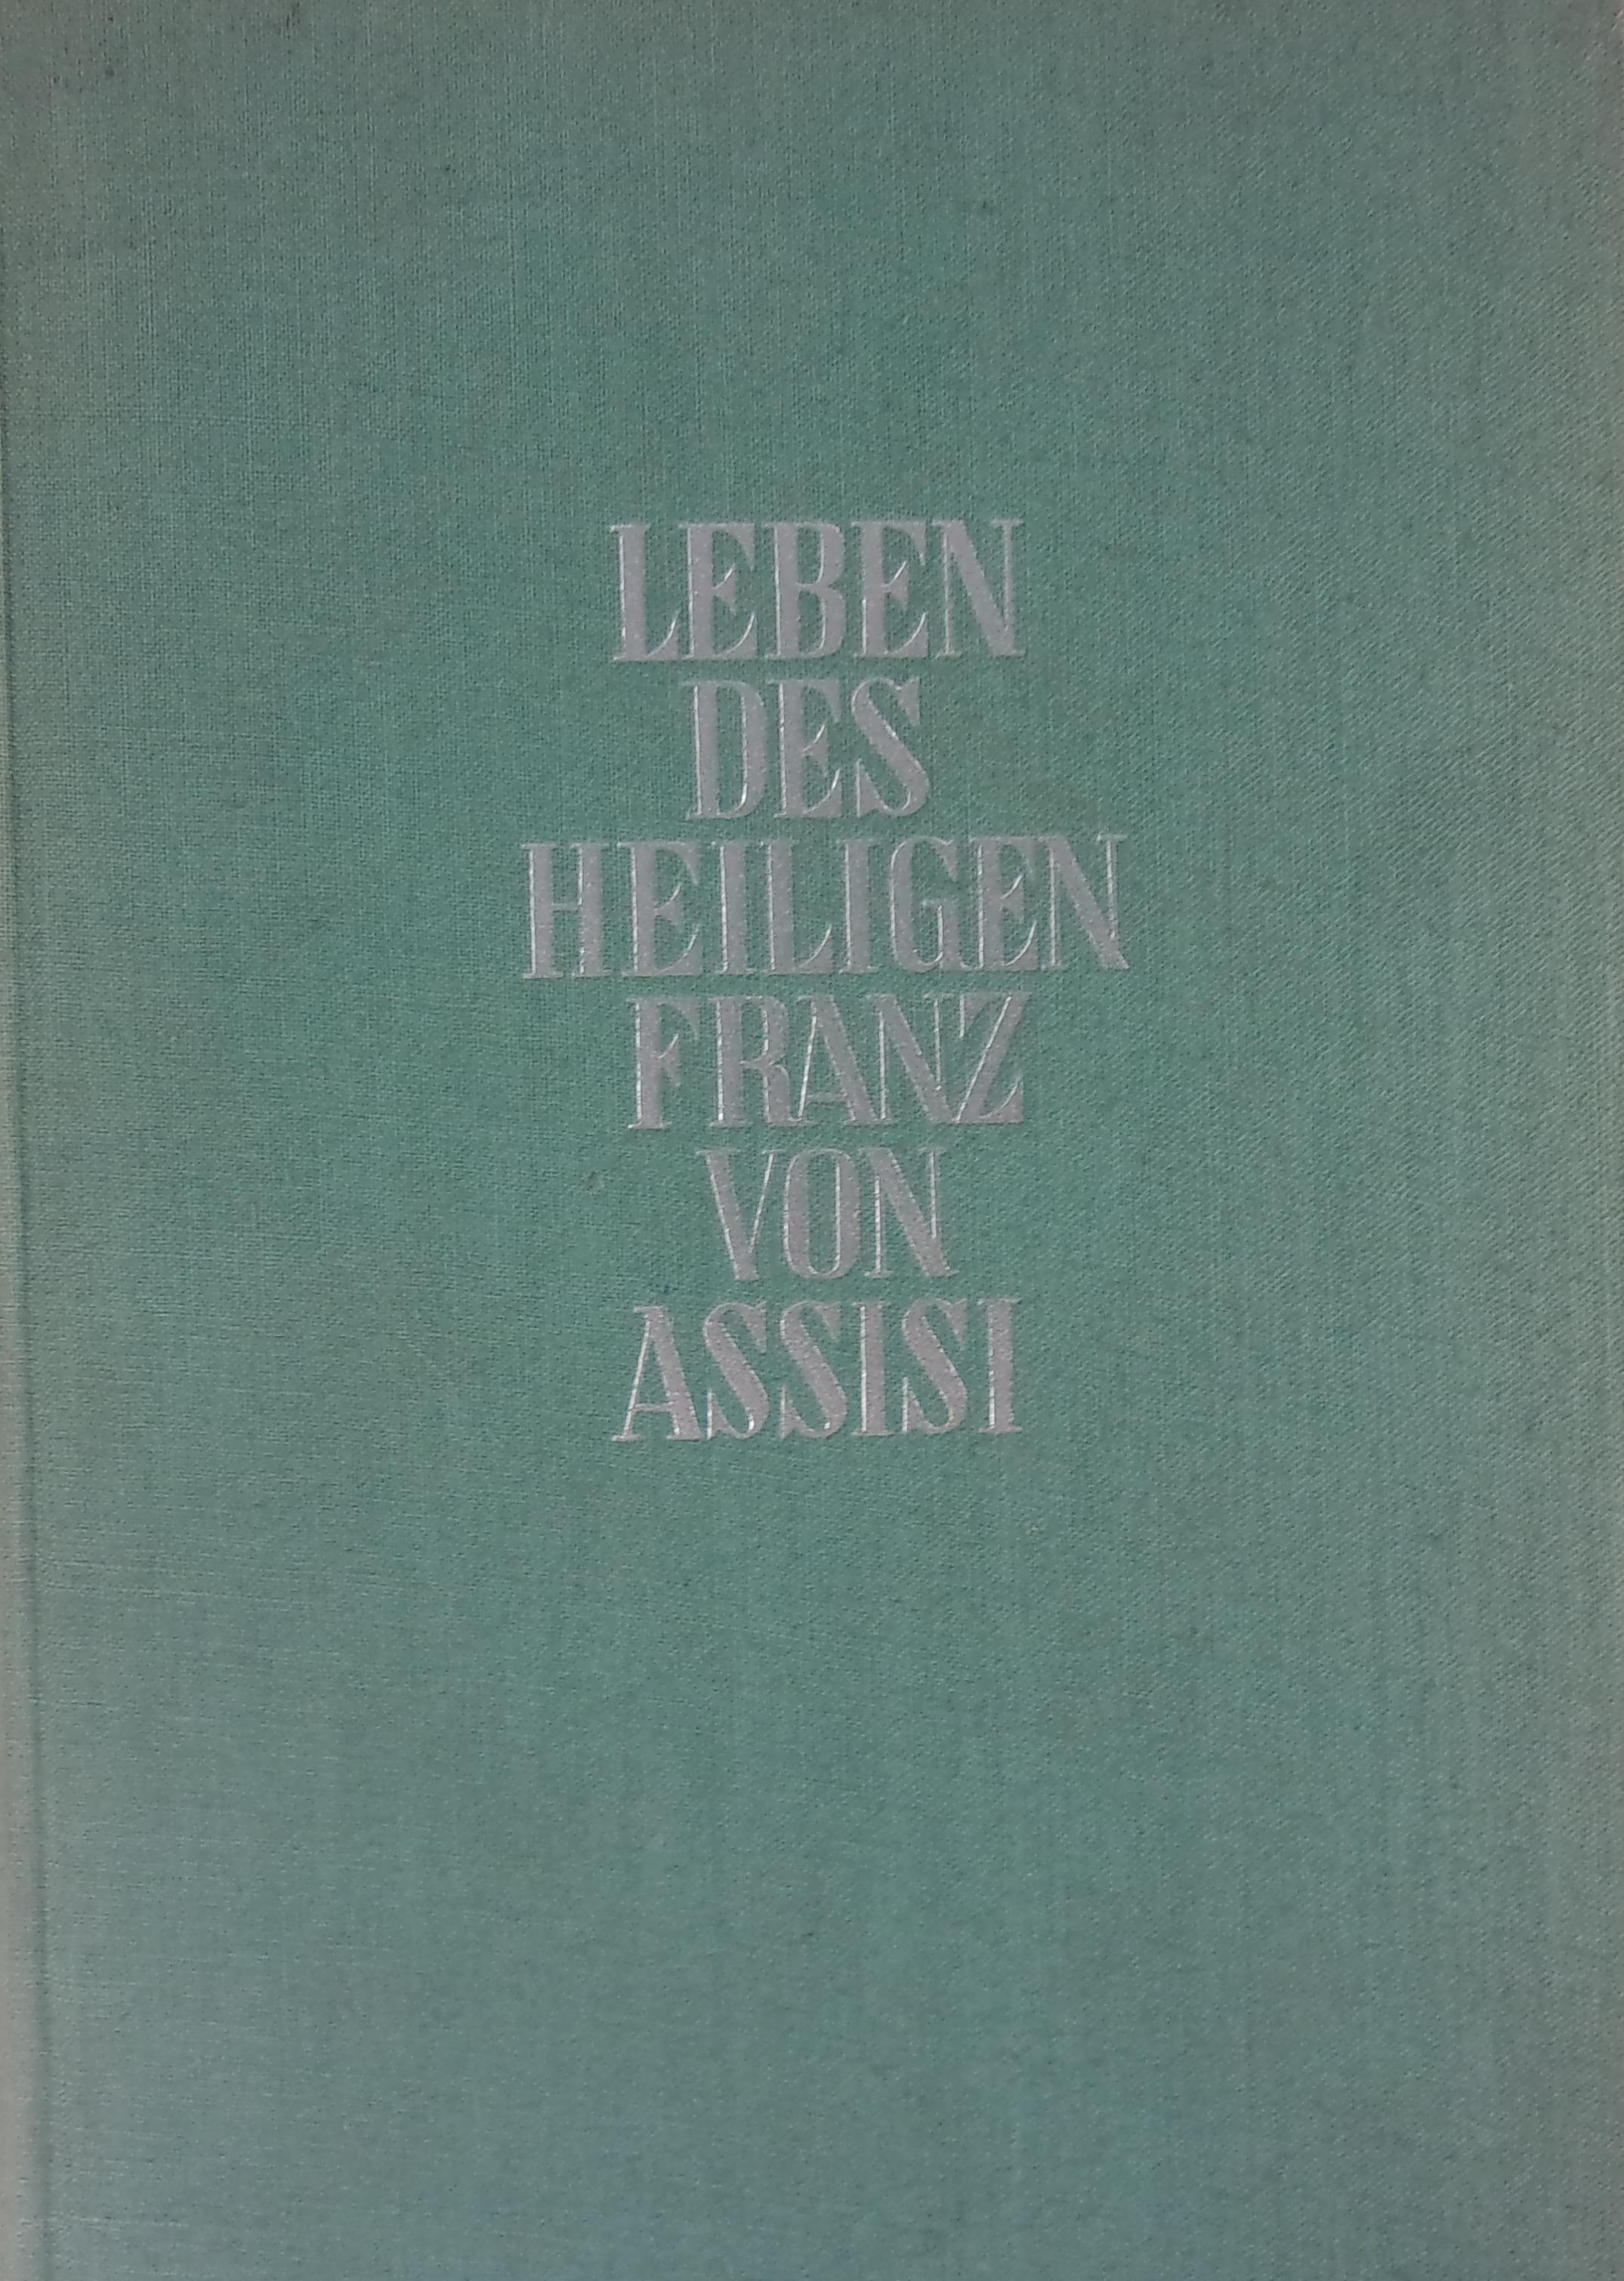 Leben Des Heiligen Franz Von Assisi 1935 R Paul Sabatier 24 00